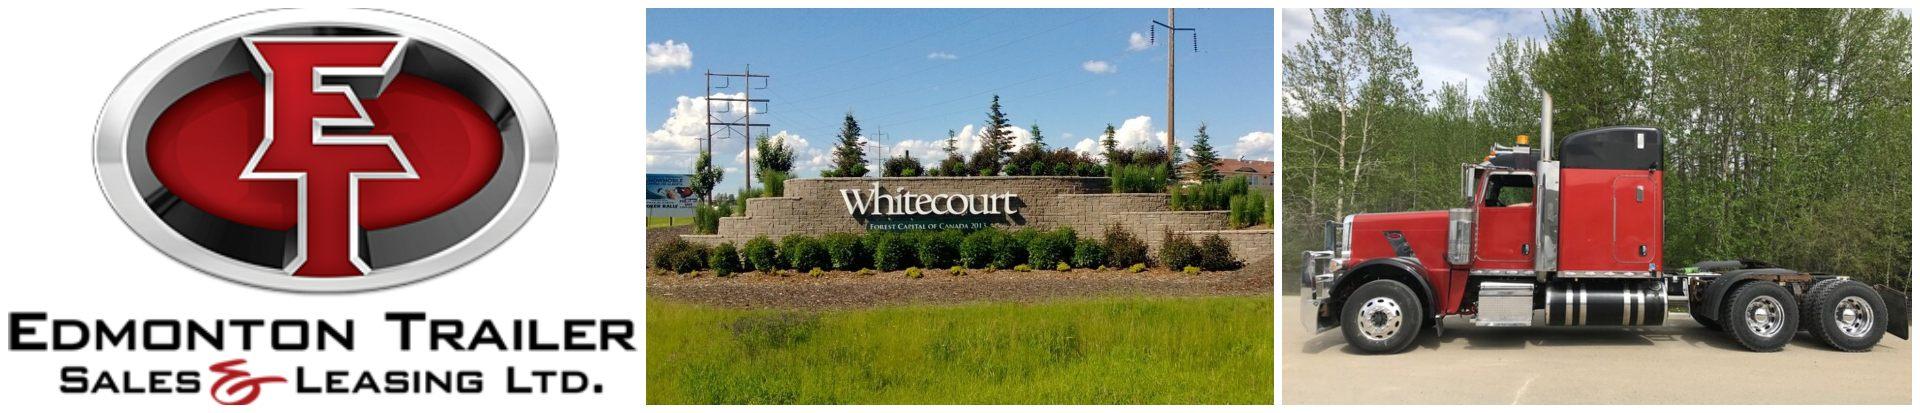 Truck & Trailer Dealership Whitecourt, AB